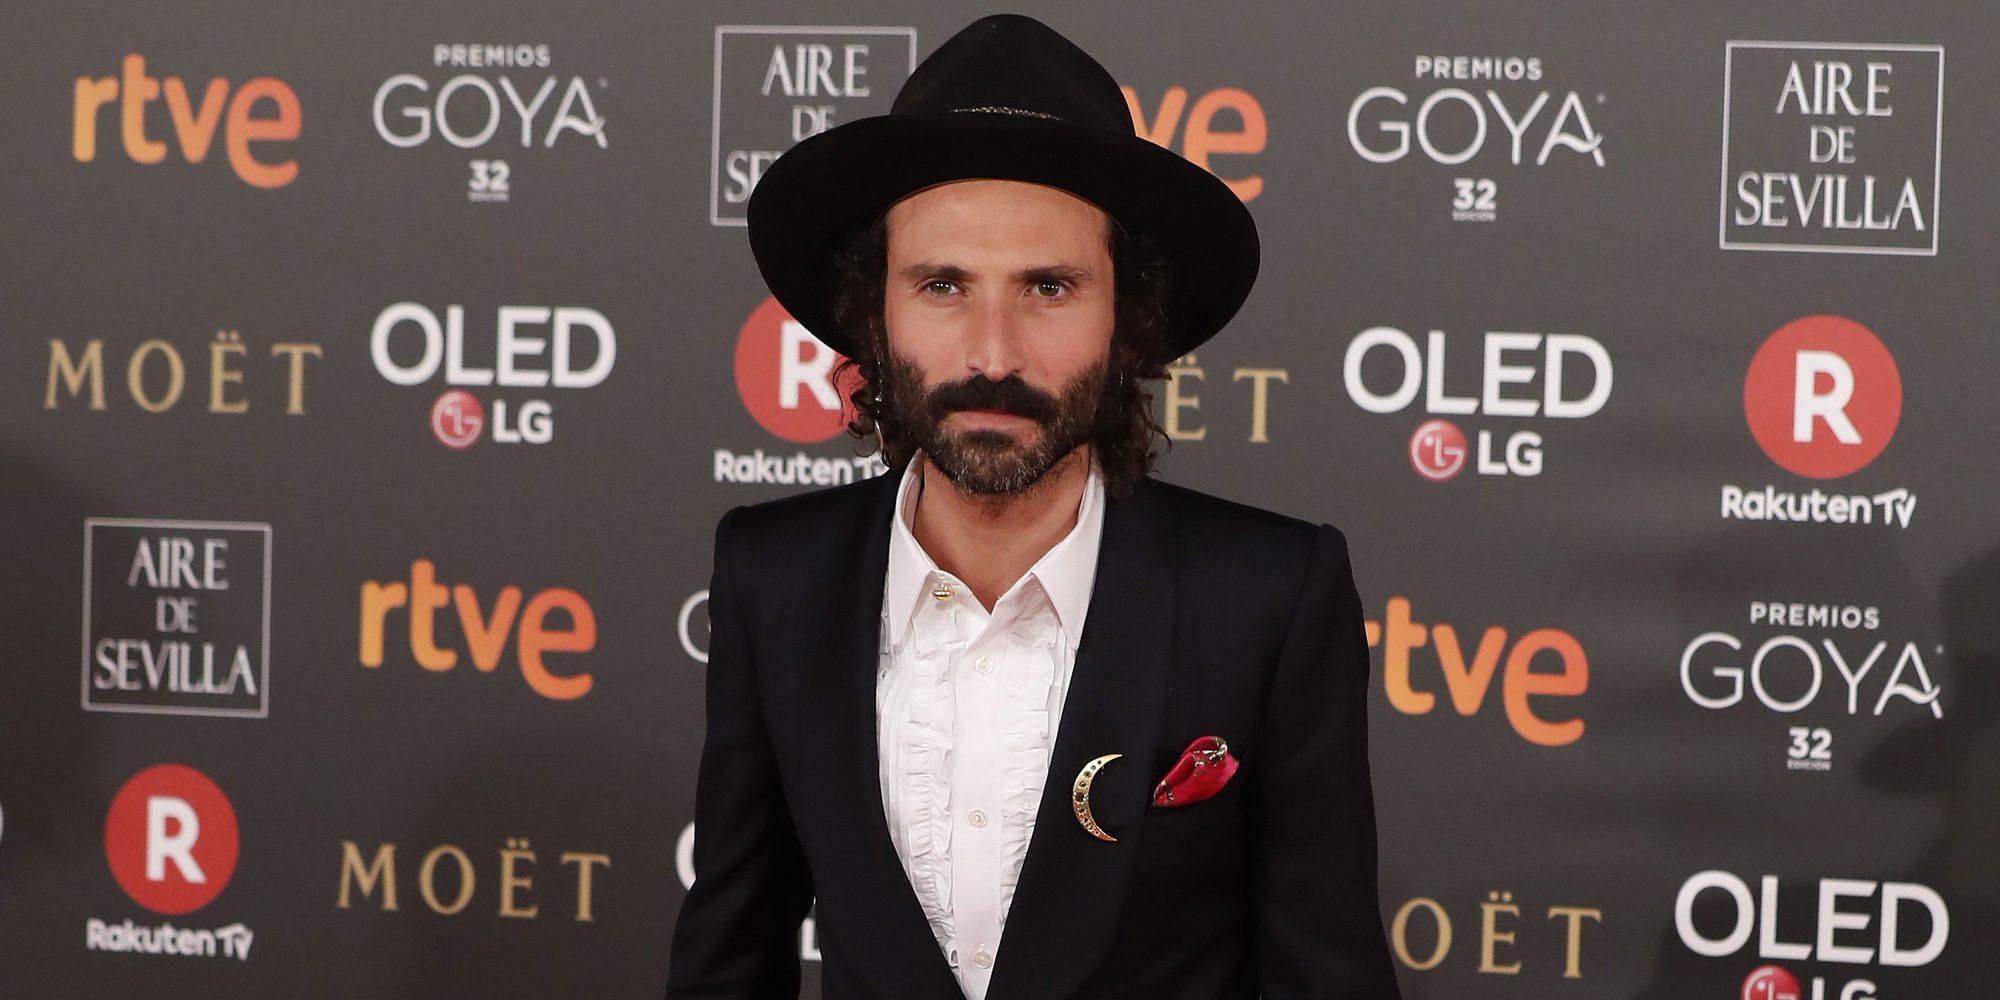 Leiva dedica su Goya 2018 a Mejor Canción por 'La llamada' a su novia Macarena García